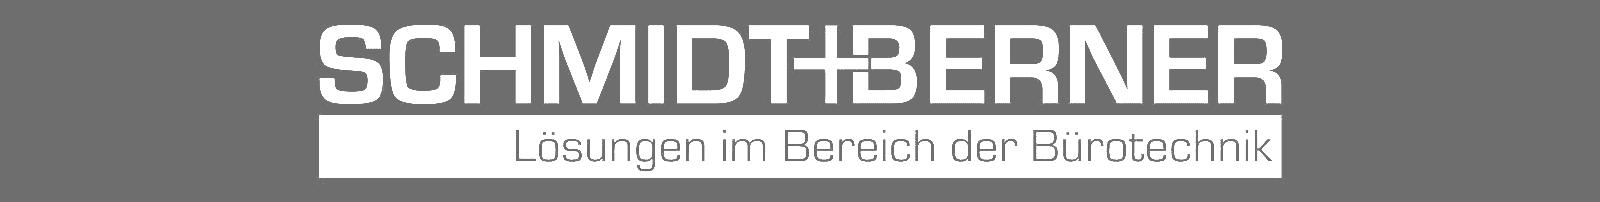 Partner Schmidt + Berner